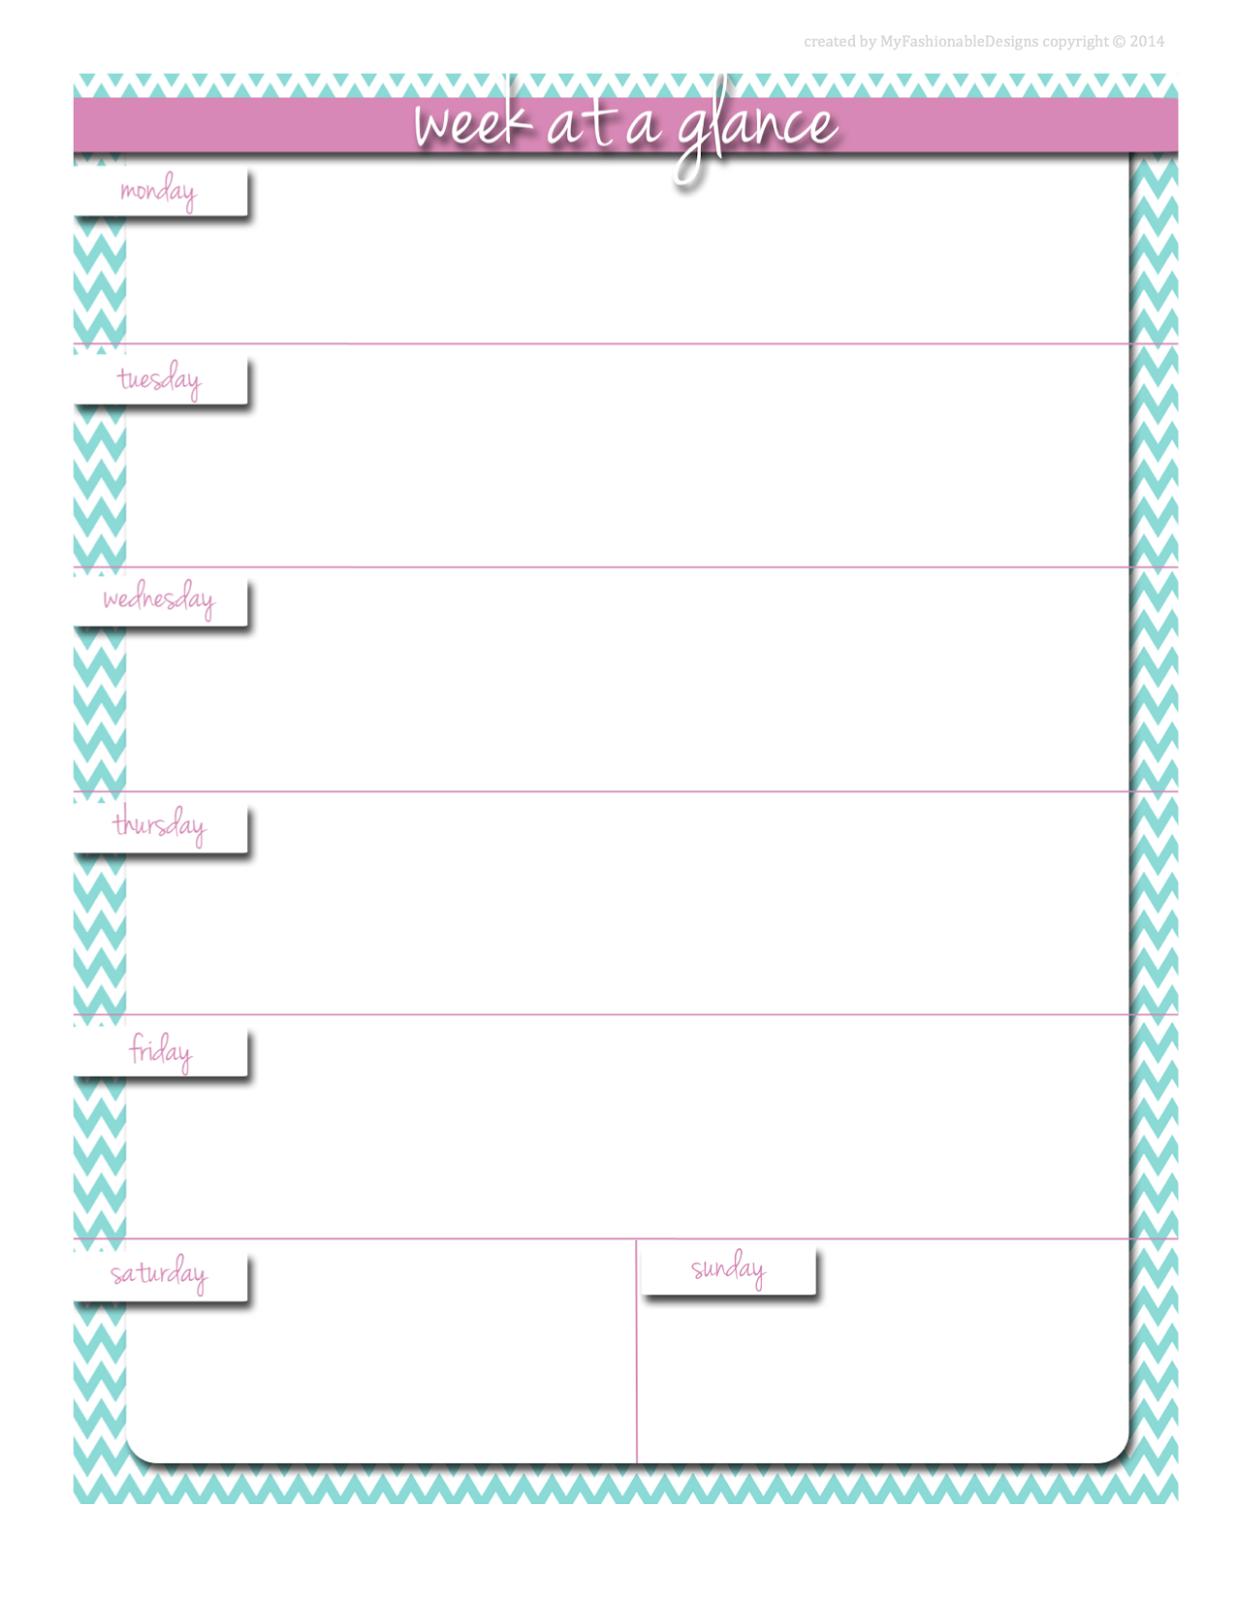 FREE Printable - Weekly planner